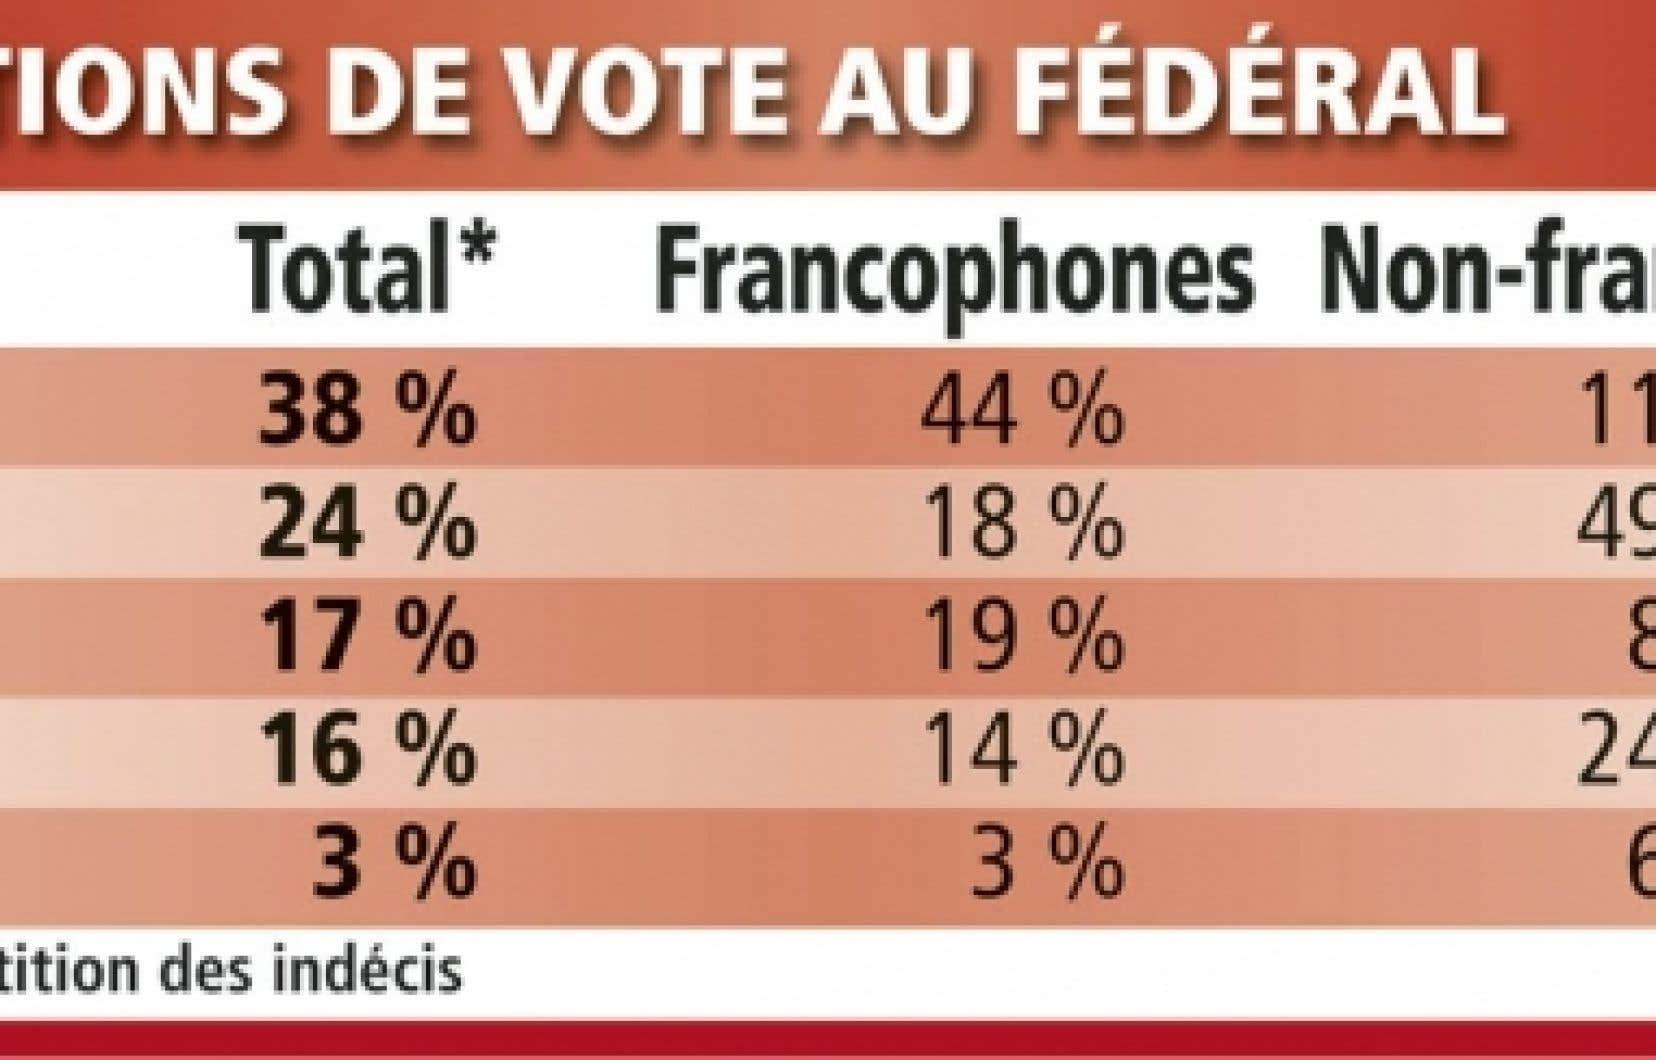 Tableau - Intentions de vote des Québécois au fédéral